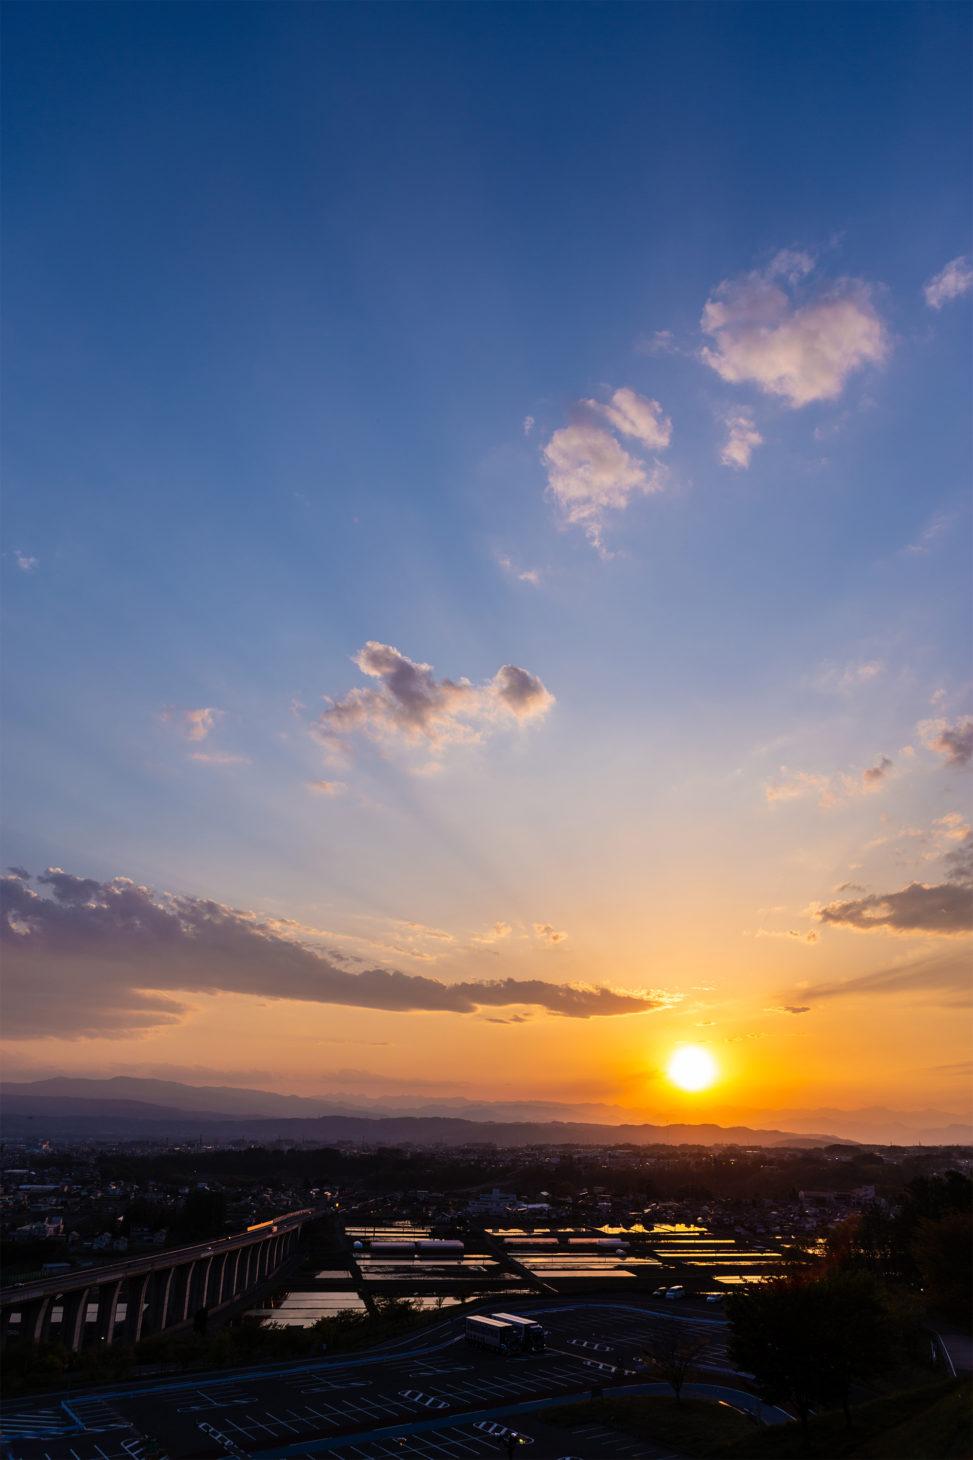 水田に反射する夕日(夕焼け)03の写真素材